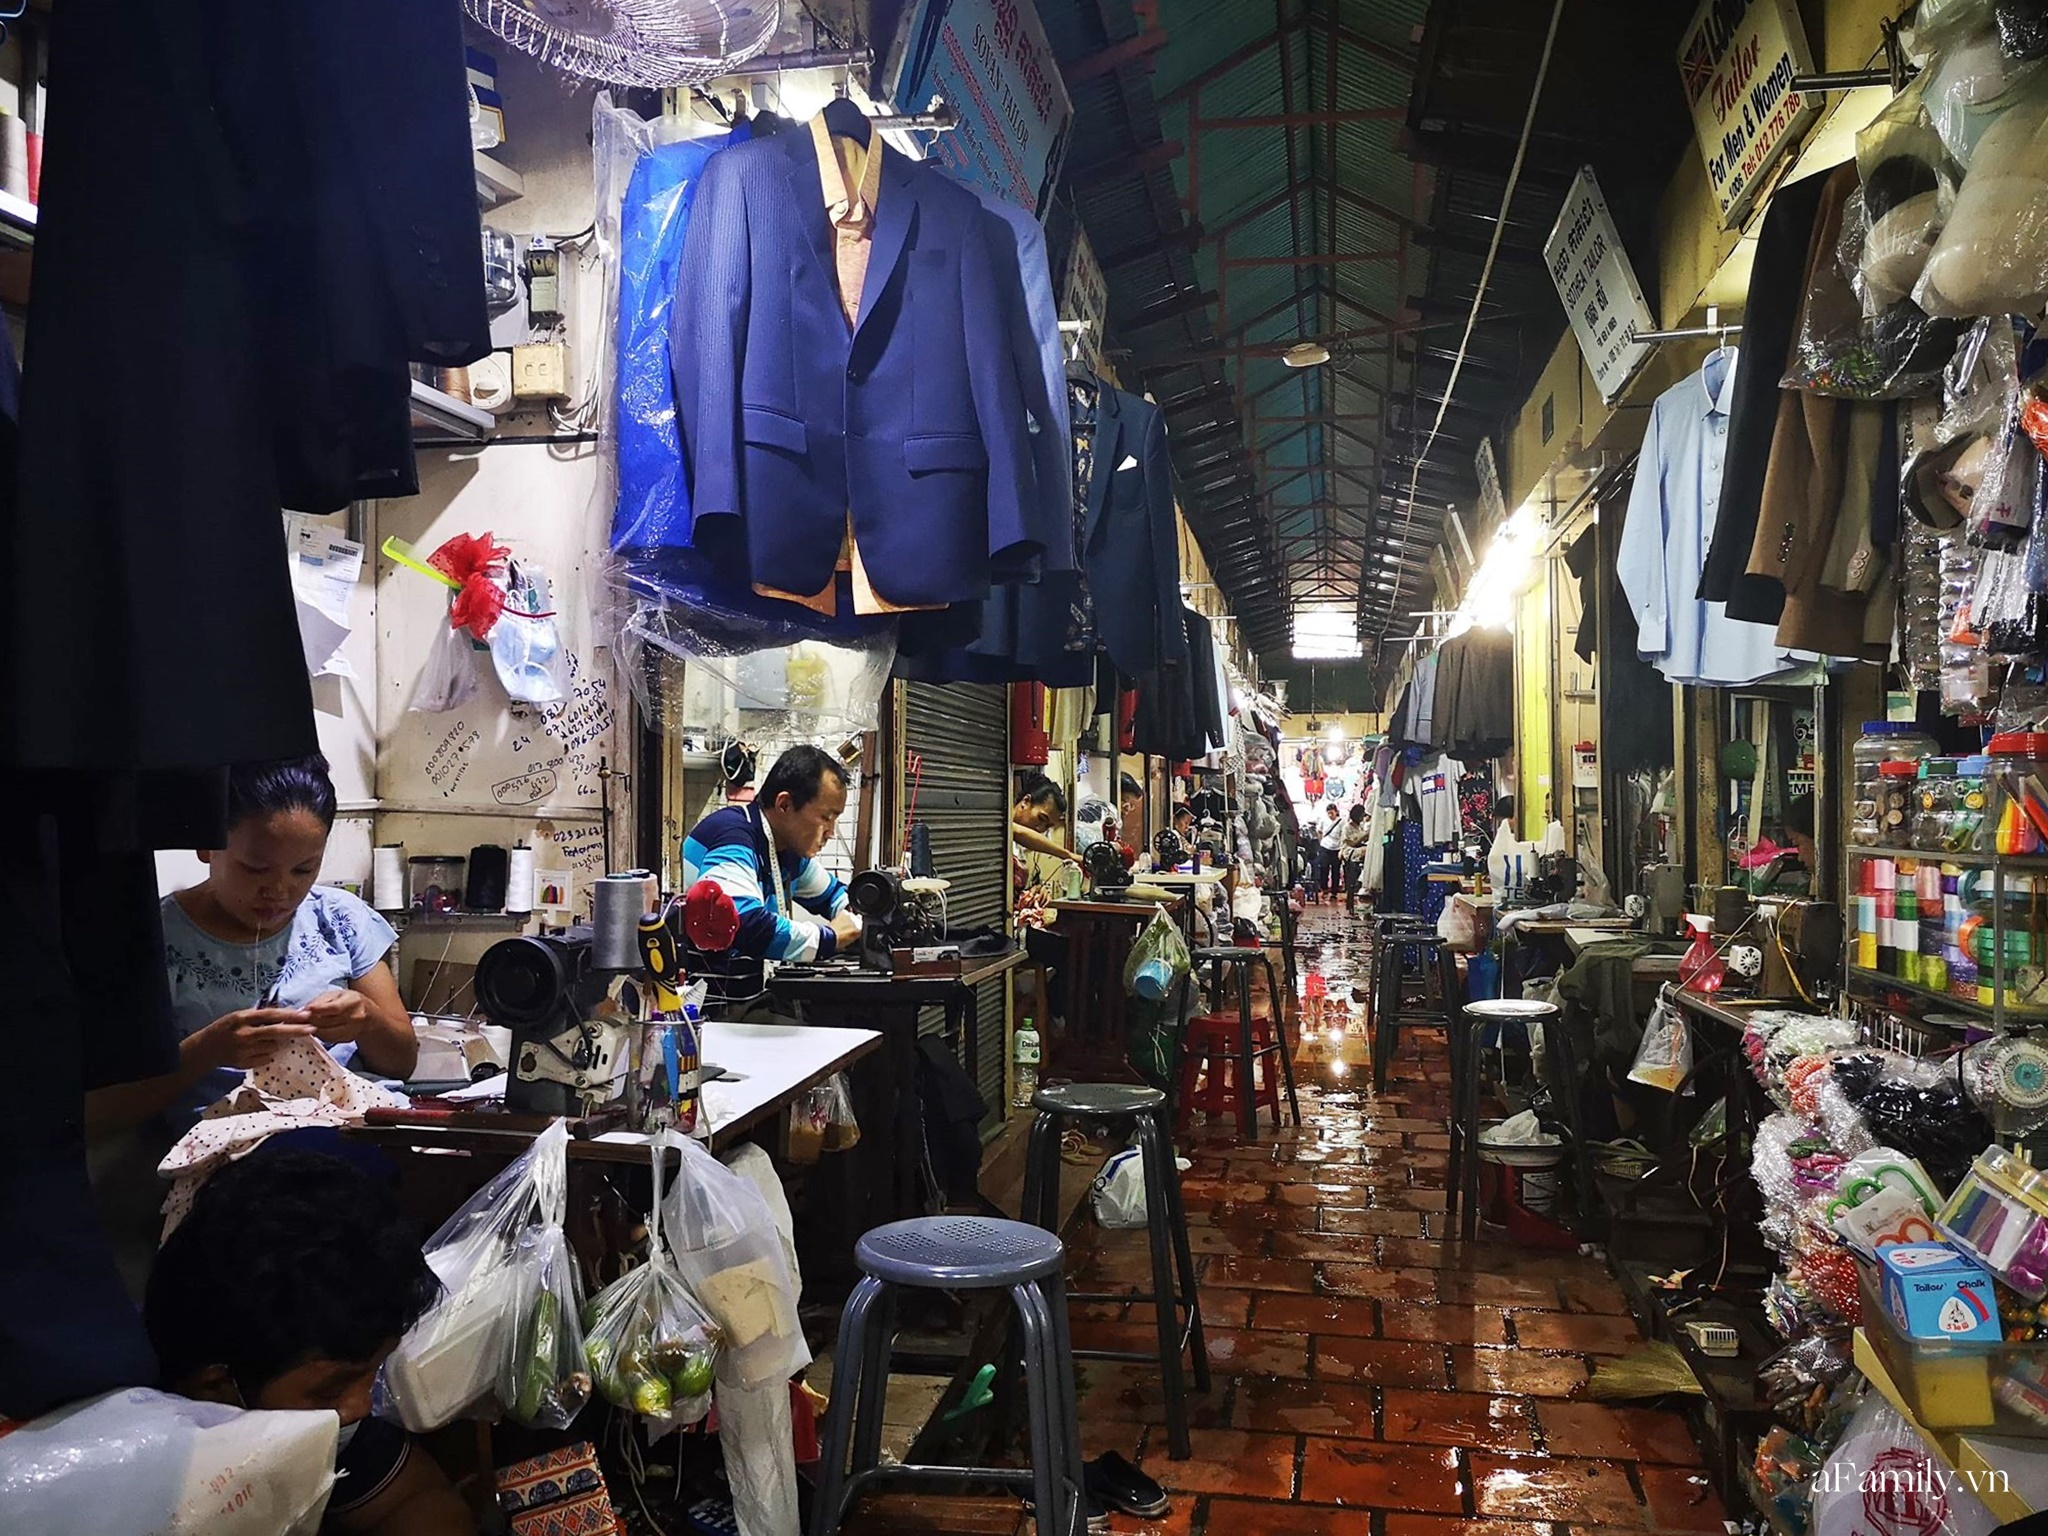 """Kẹt Campuchia vì công việc, cô gái trẻ mê luôn """"thiên đường secondhand"""" nước bạn đến nỗi lục tìm tận 3 khu chợ cho thỏa đam mê - Ảnh 8."""